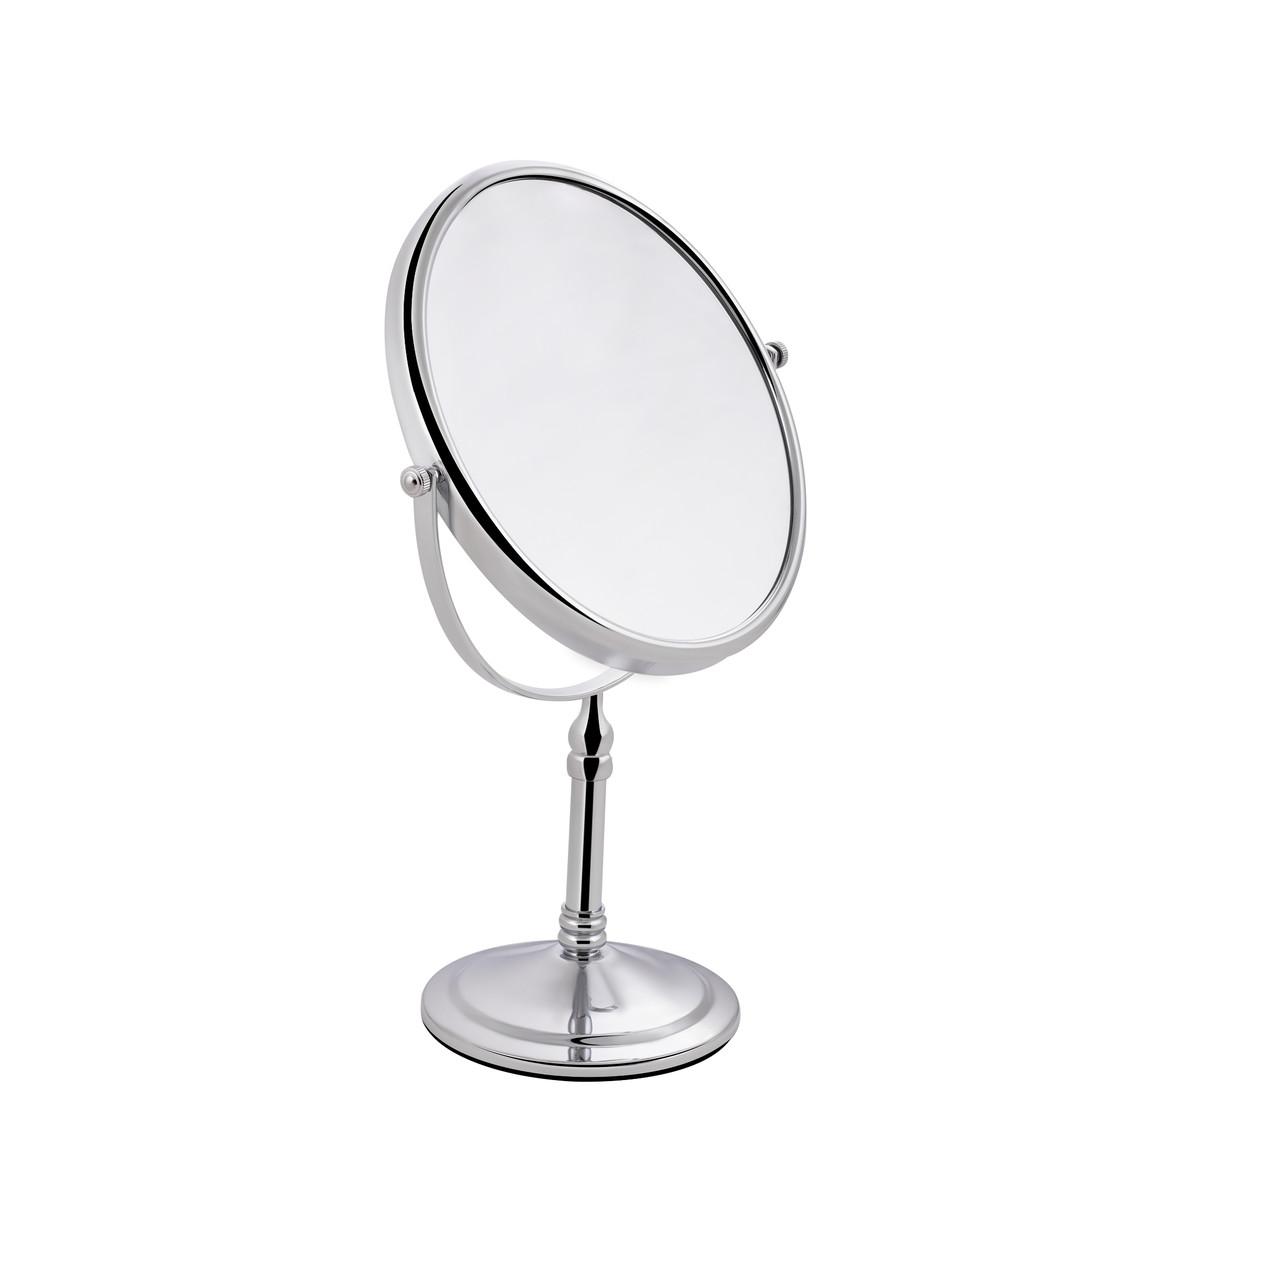 Зеркало косметическое Lidz 140.06.18 23R